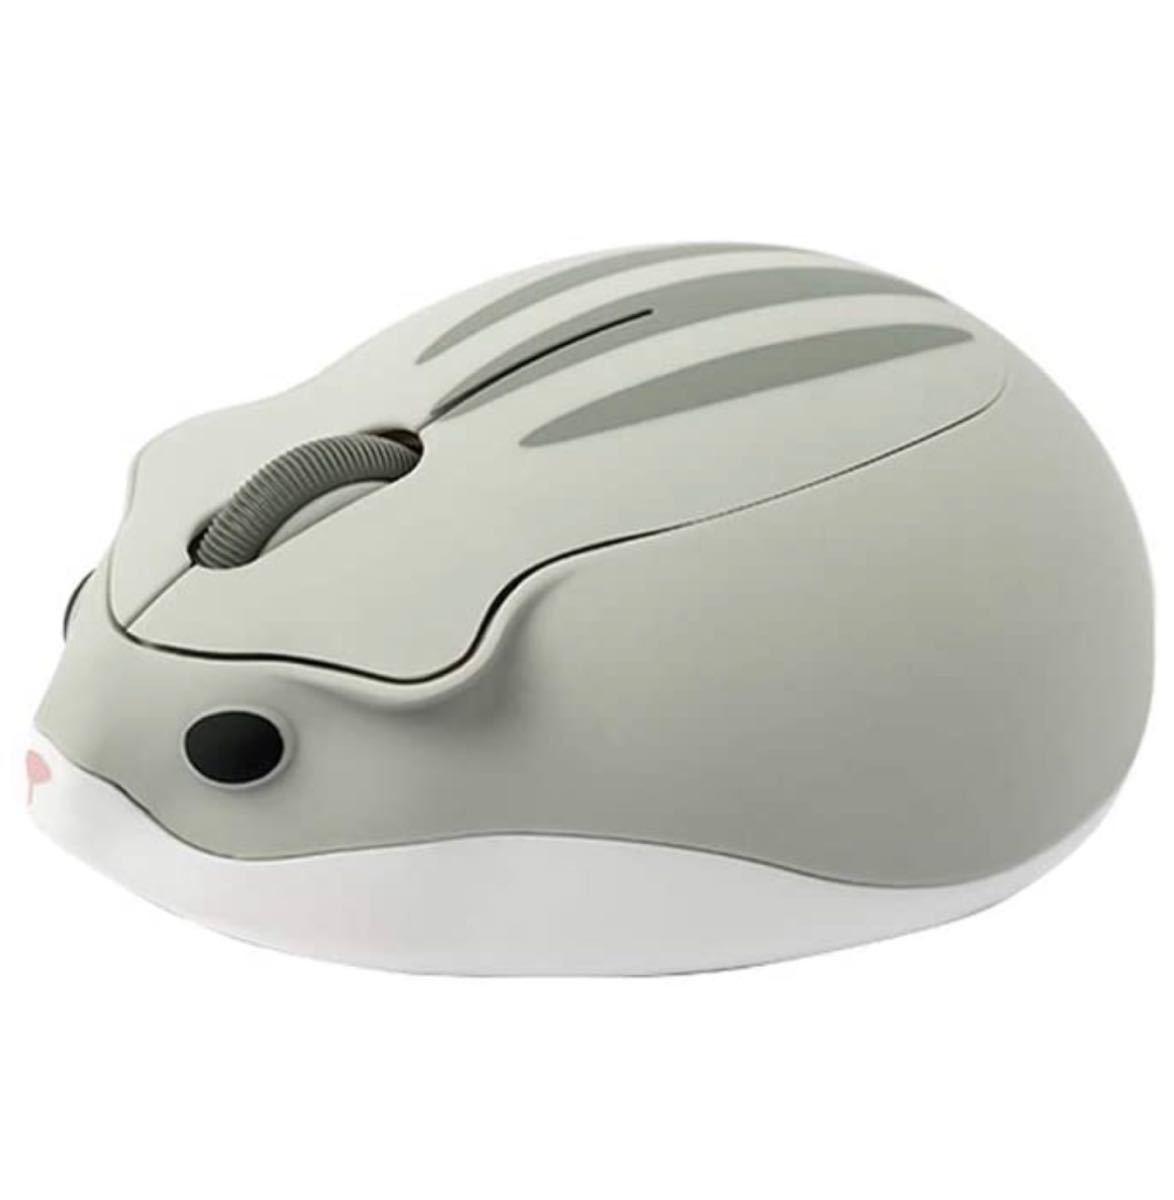 マウス ワイヤレスマウス 2.4GHz 人間工学 高精度 USB式 小型 持ち運び便利 無線マウス ポータブル ハムスターの形 M